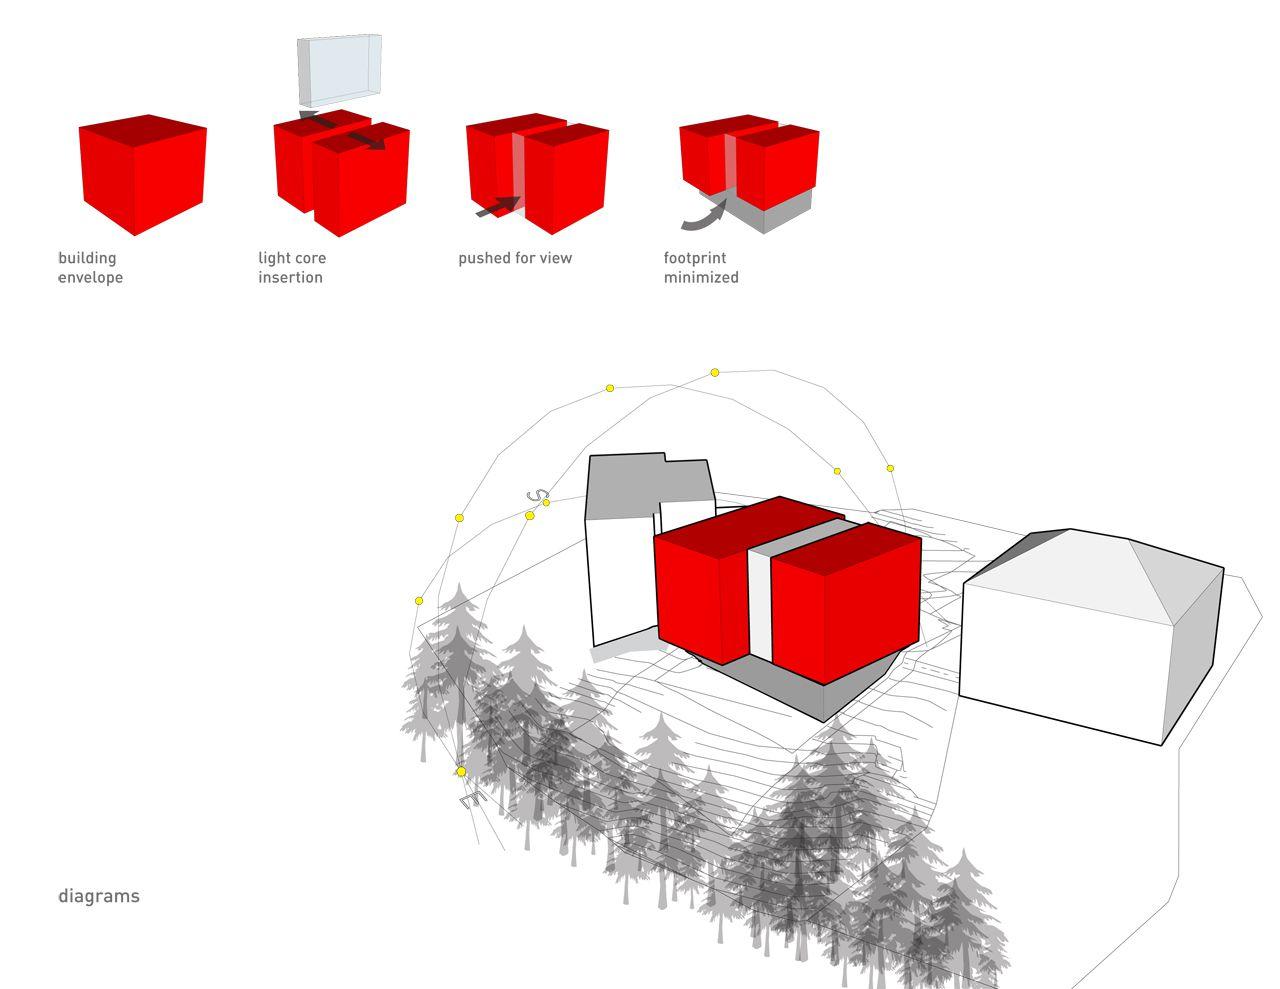 CapHill_diagram